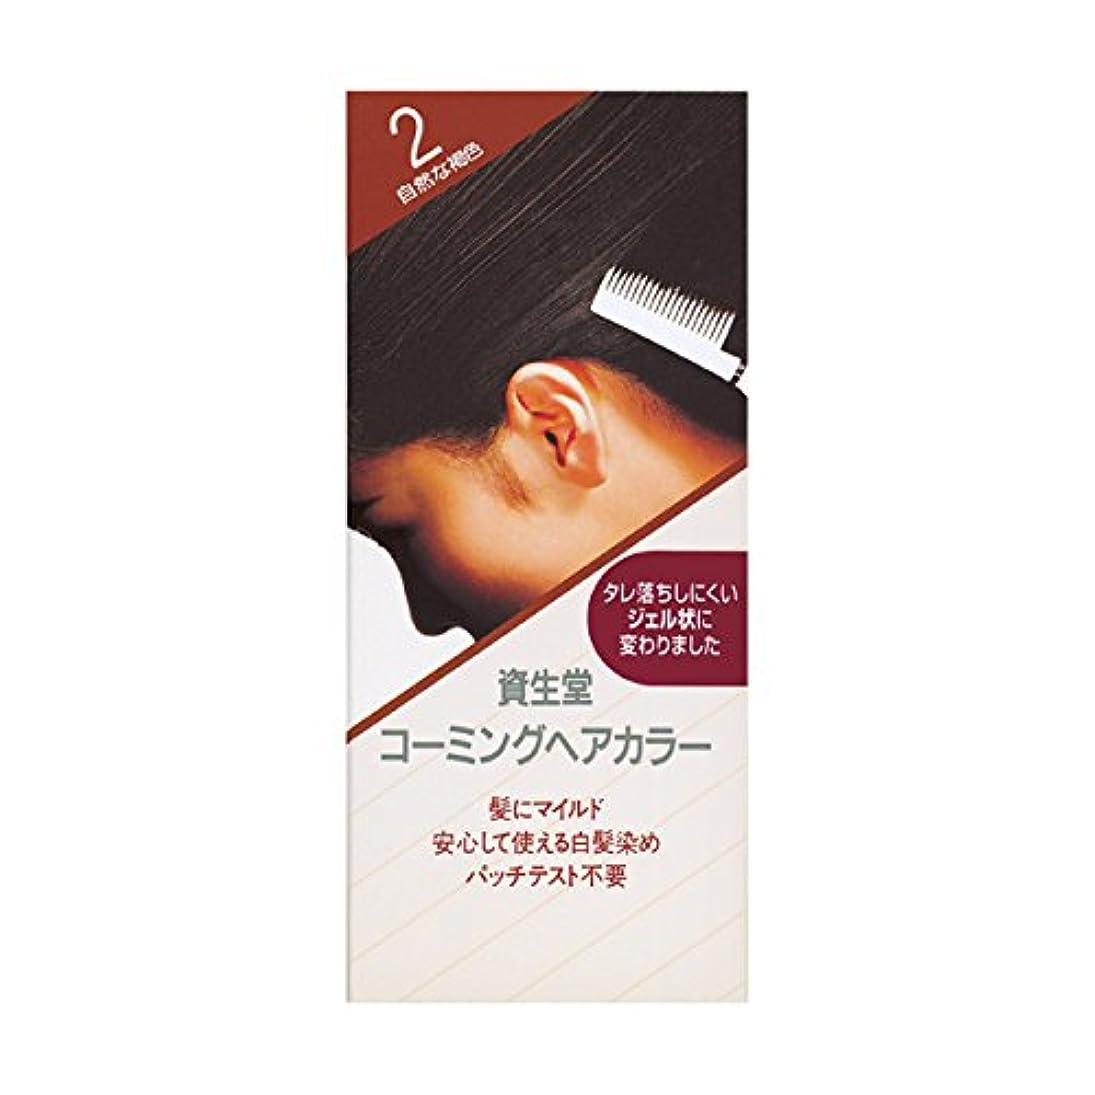 アニメーションレンドモールヘアカラー コーミングヘアカラーa 2 150mL